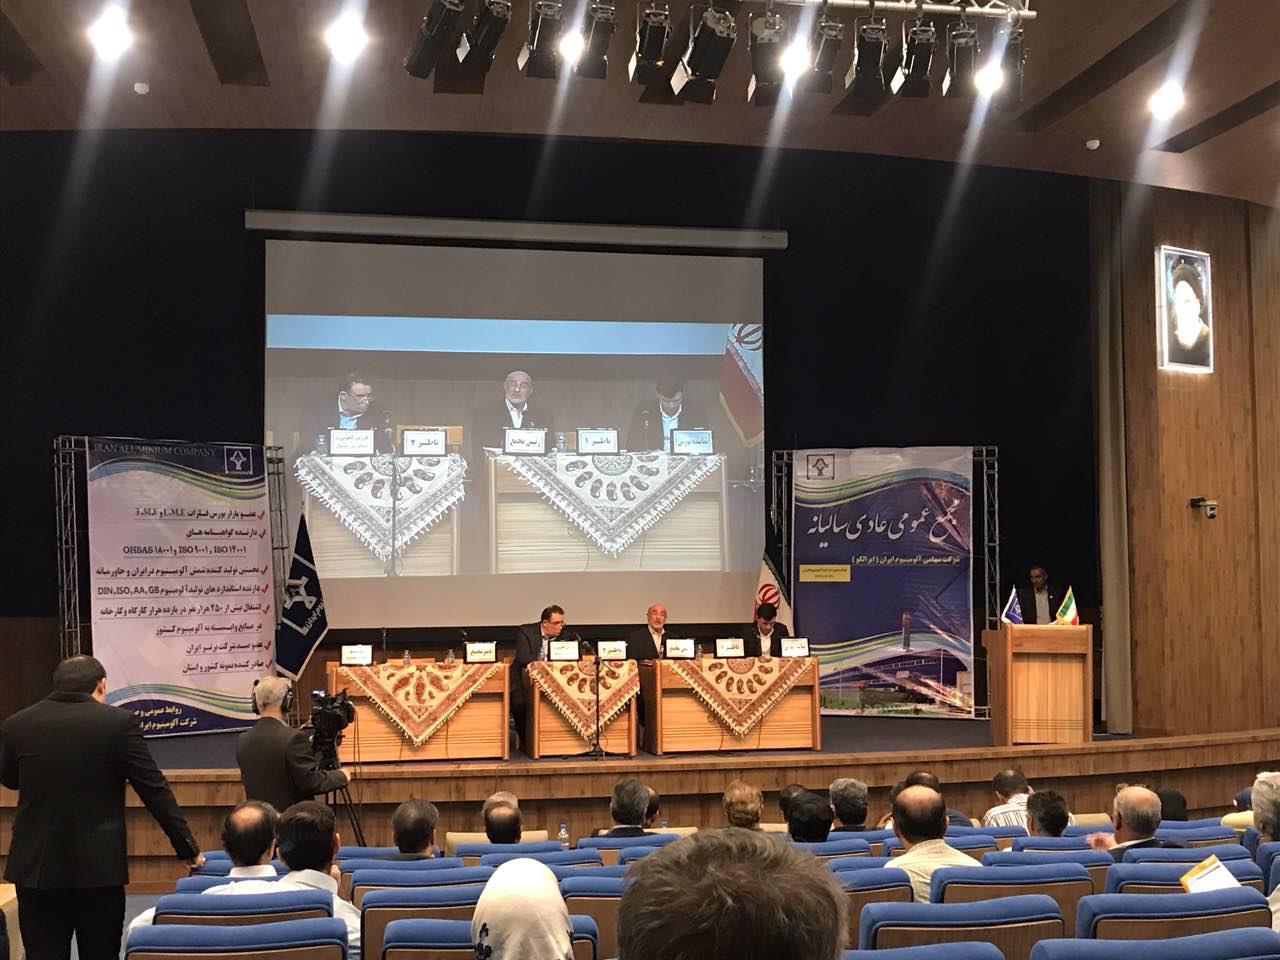 برگزاری مجمع عمومی عادی سالانه شرکت آلومینیوم ایران